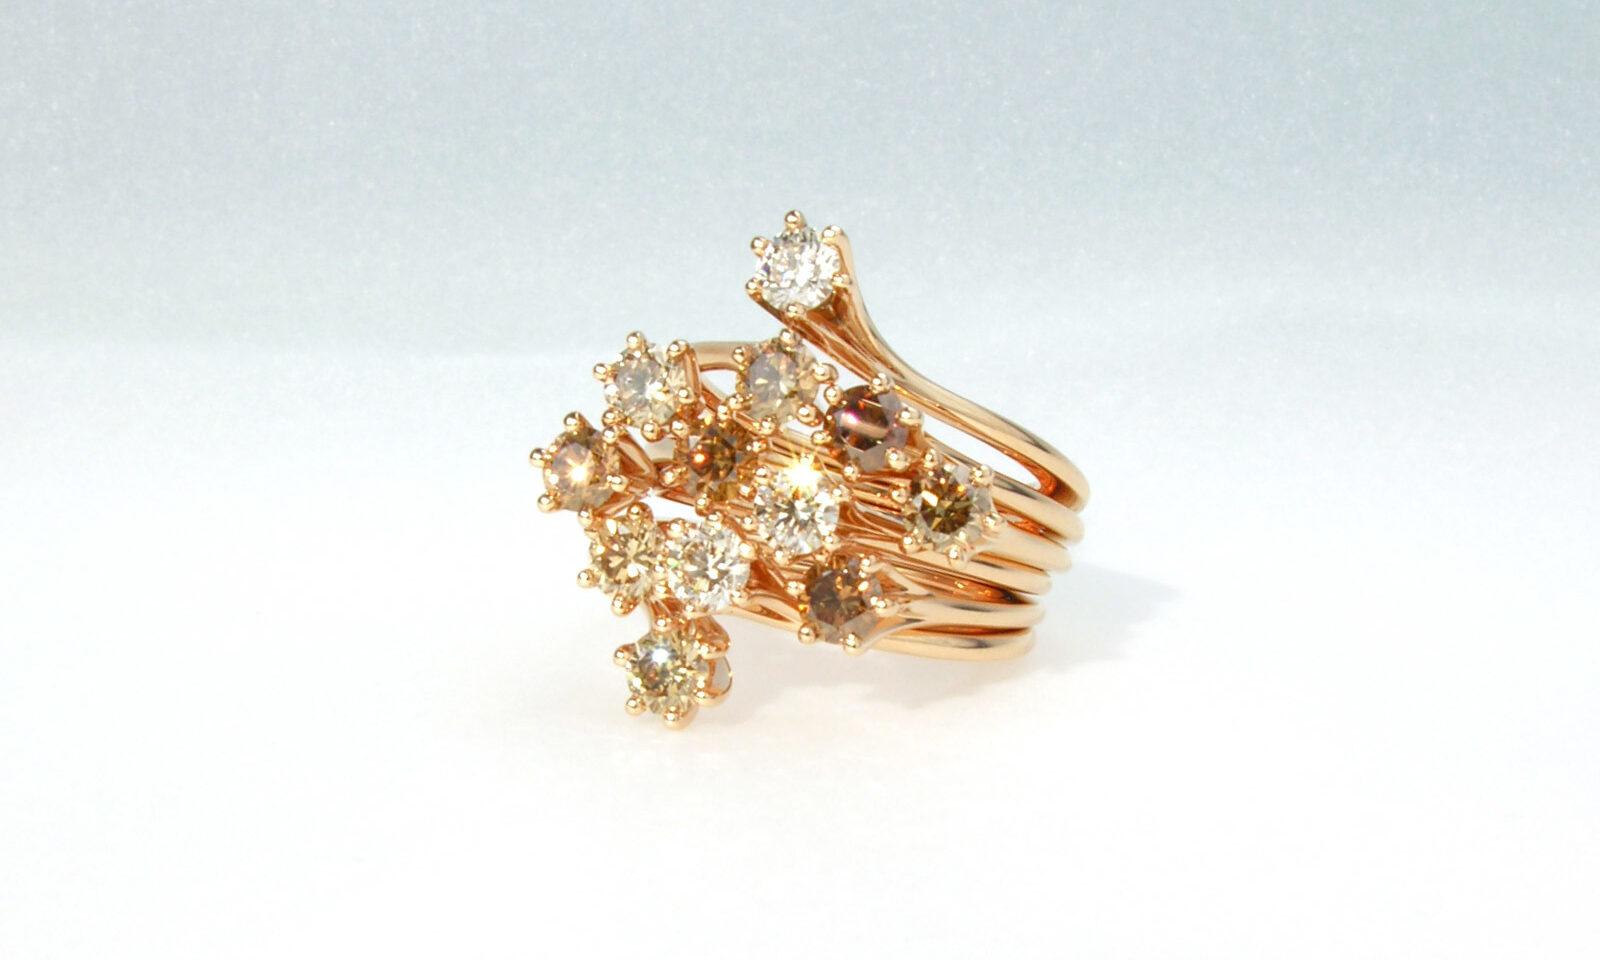 Ring Rotgold Mit Braunen Brillanten. Ring Rotgold 750 mit 12 naturfarbenen Brillanten d 3.9 mm, total 2.77 ct., bestehend aus 6 einzelnen Ringen, CHF 15'000.-